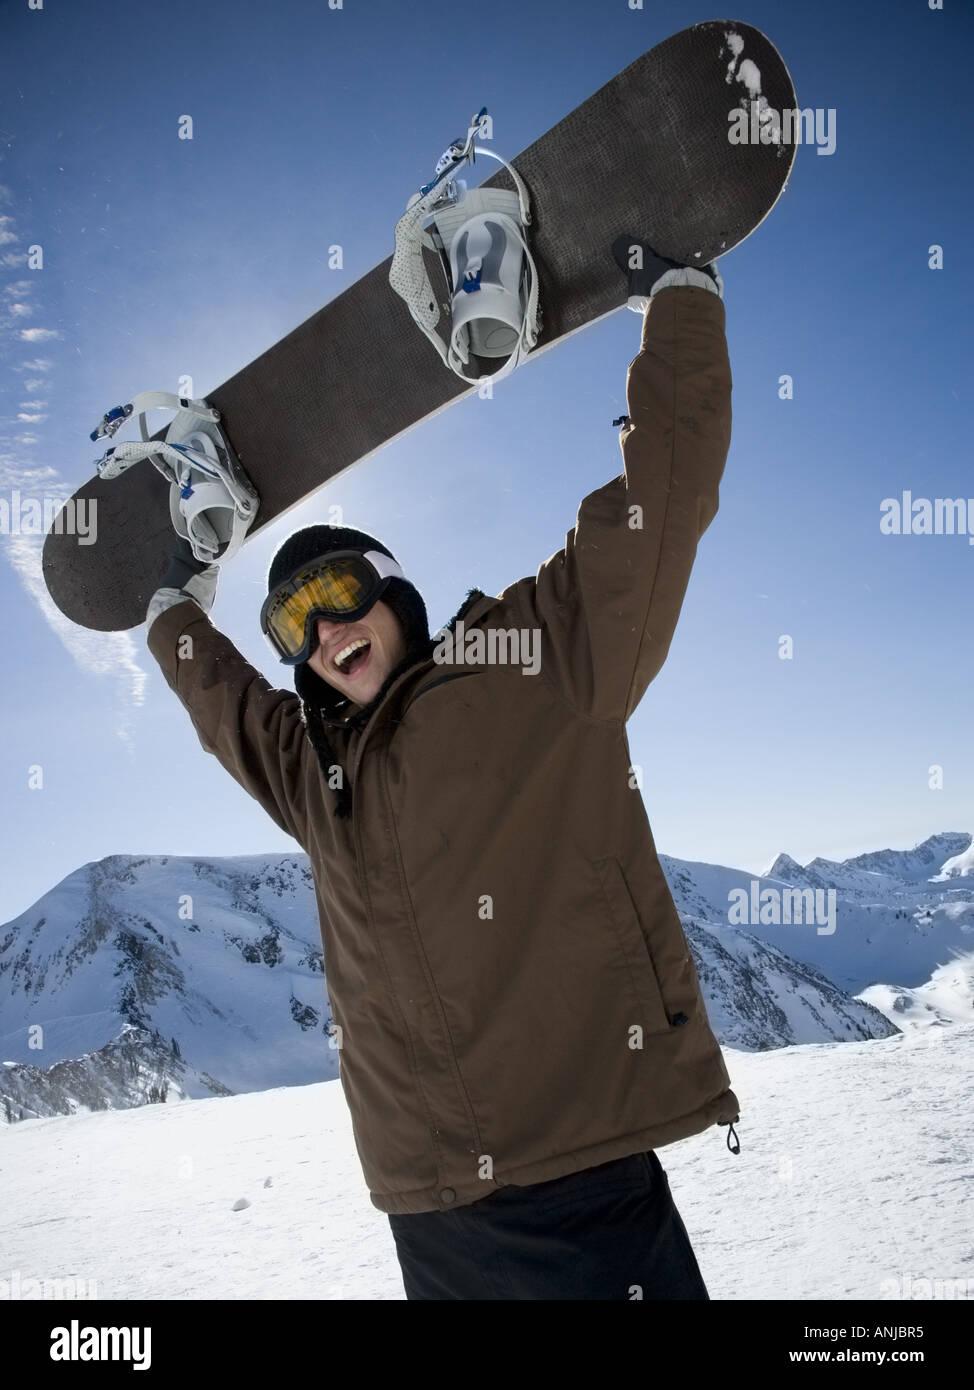 Basso angolo di visione di un giovane uomo di sollevamento di uno scarpone da snowboard e urlando Immagini Stock